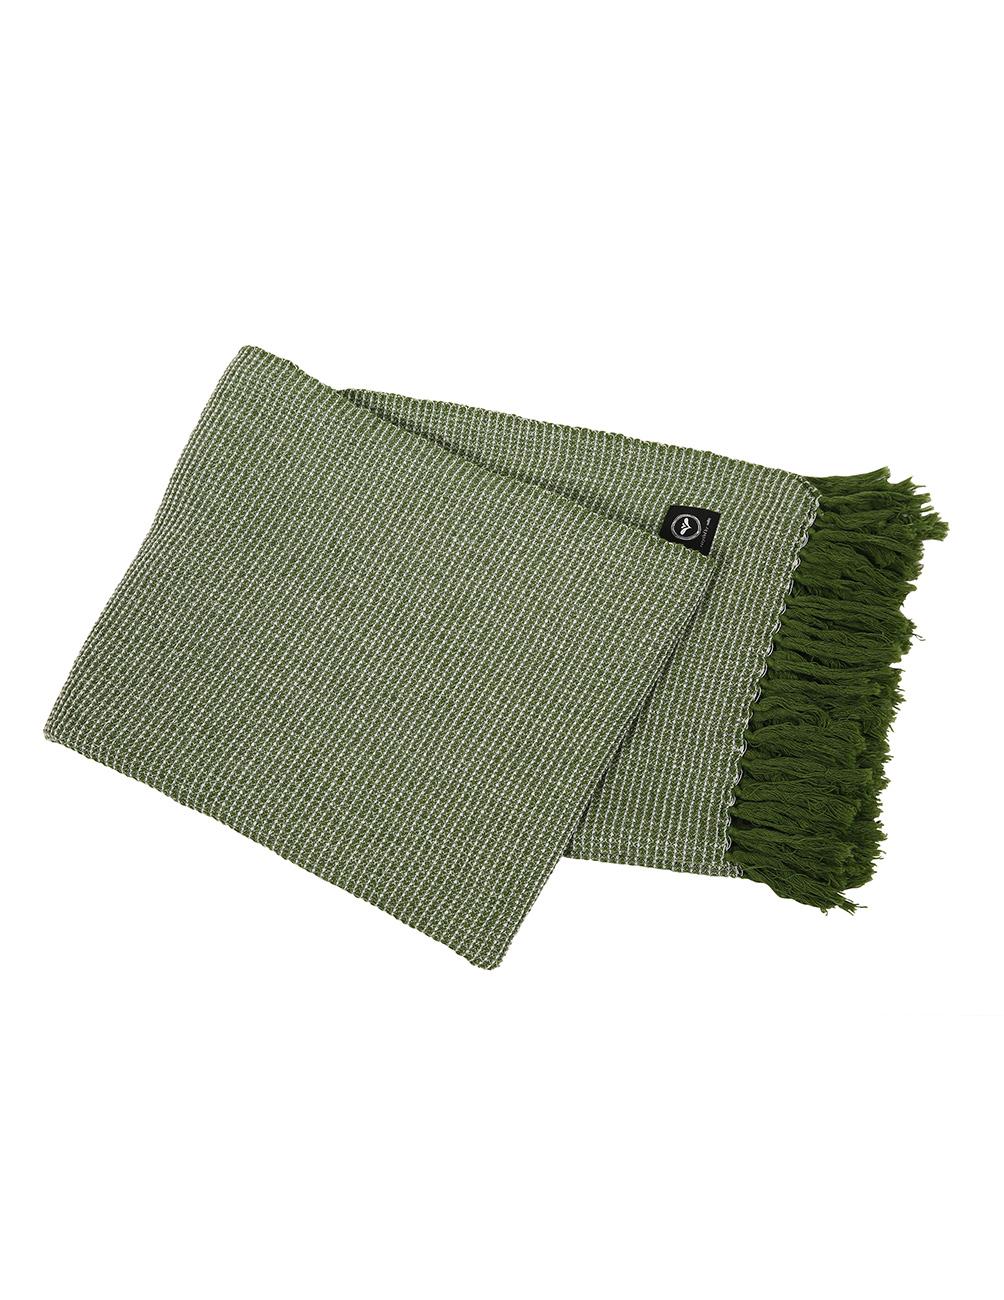 Blanket Valter Green/White 130x170cm